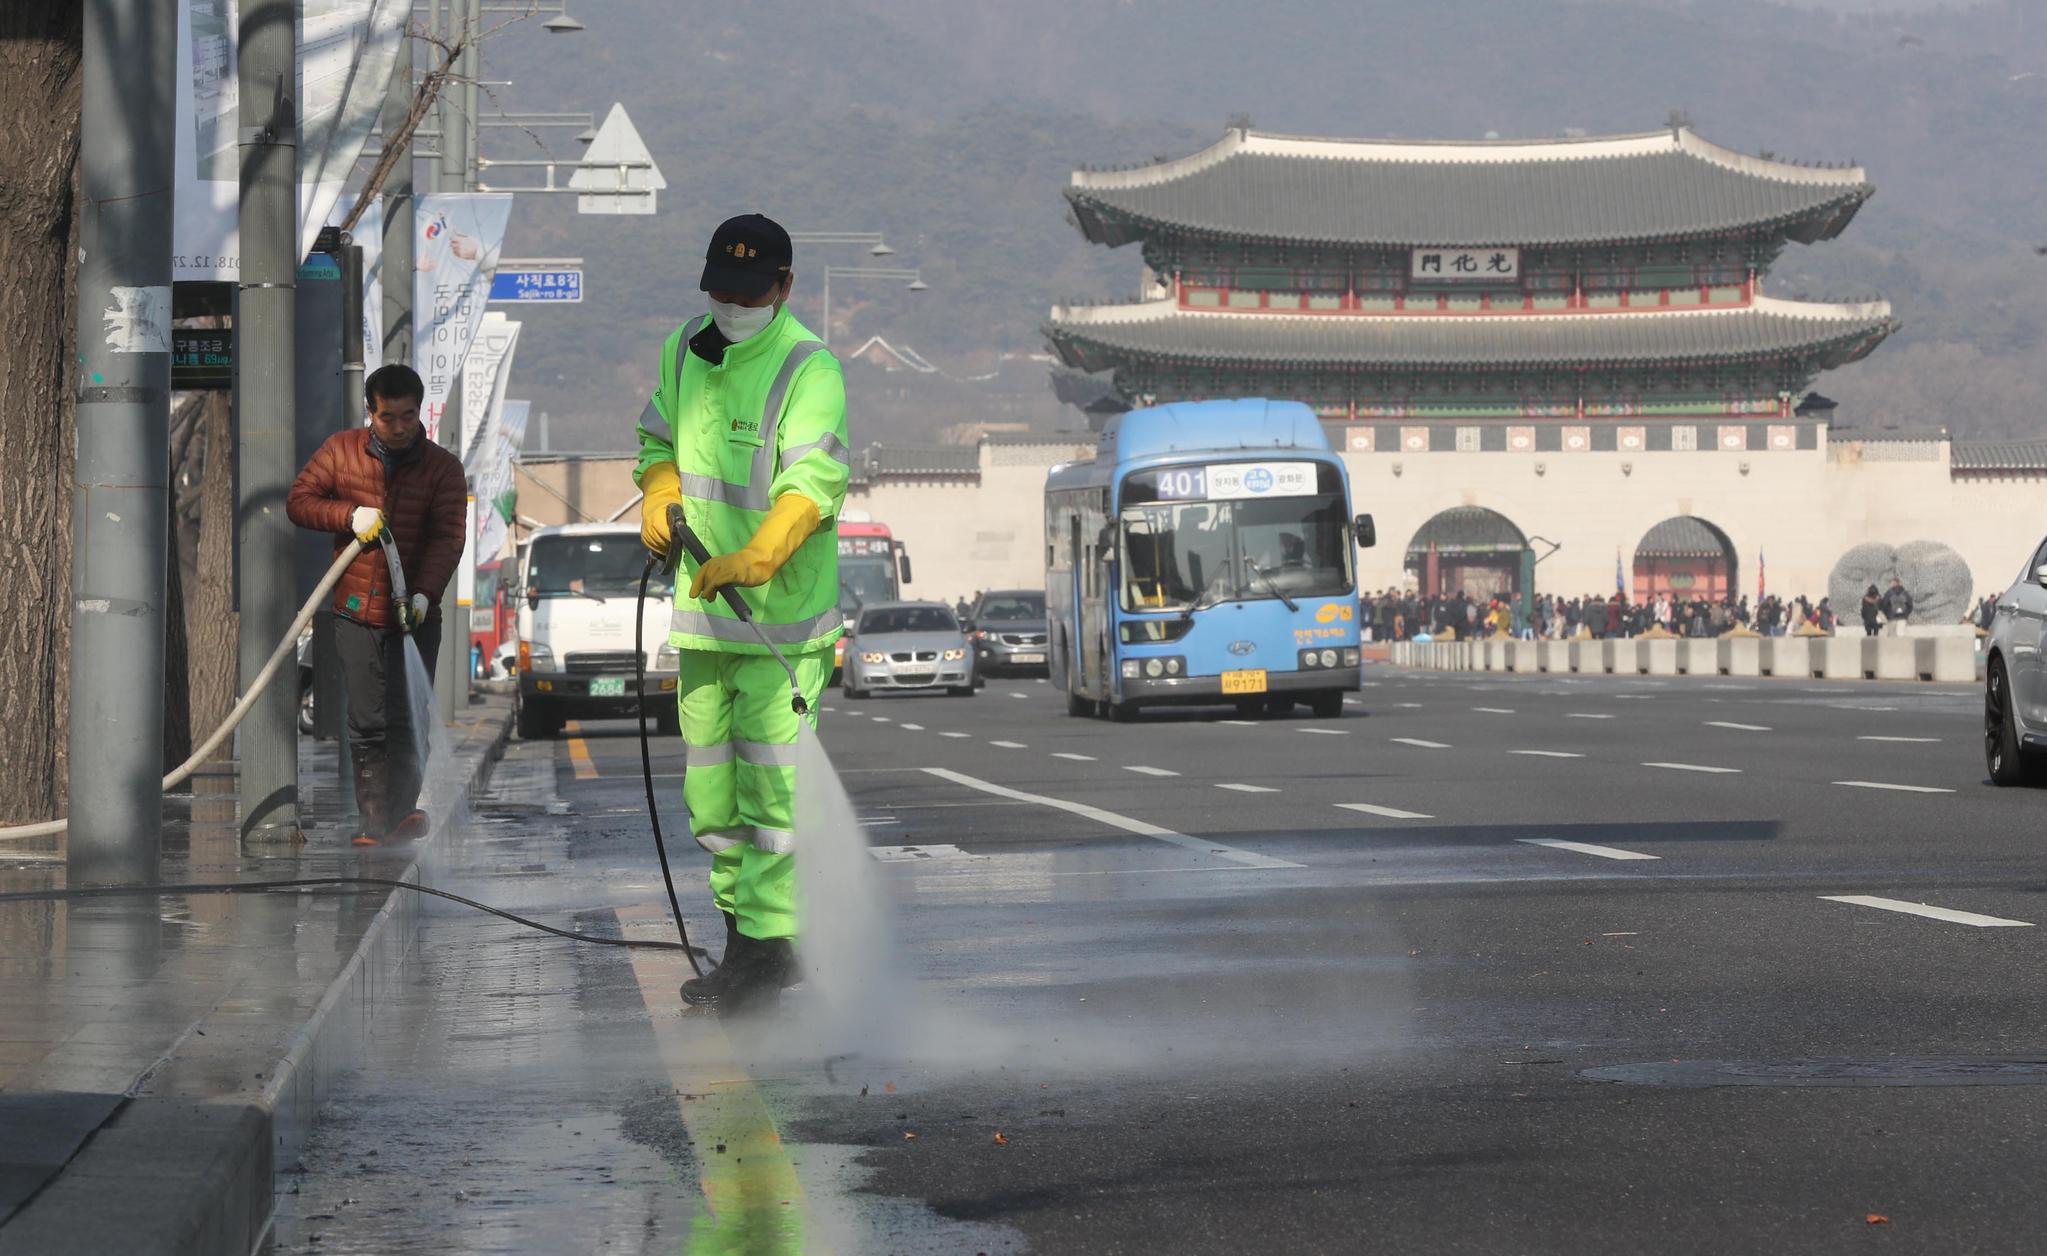 미세먼지, 초미세먼지 농도가 나쁨 수준을 보인 13일 오후 서울 종로구청 관계자들이 세종문화회관 앞 도로를 청소하고 있다. 강정현 기자